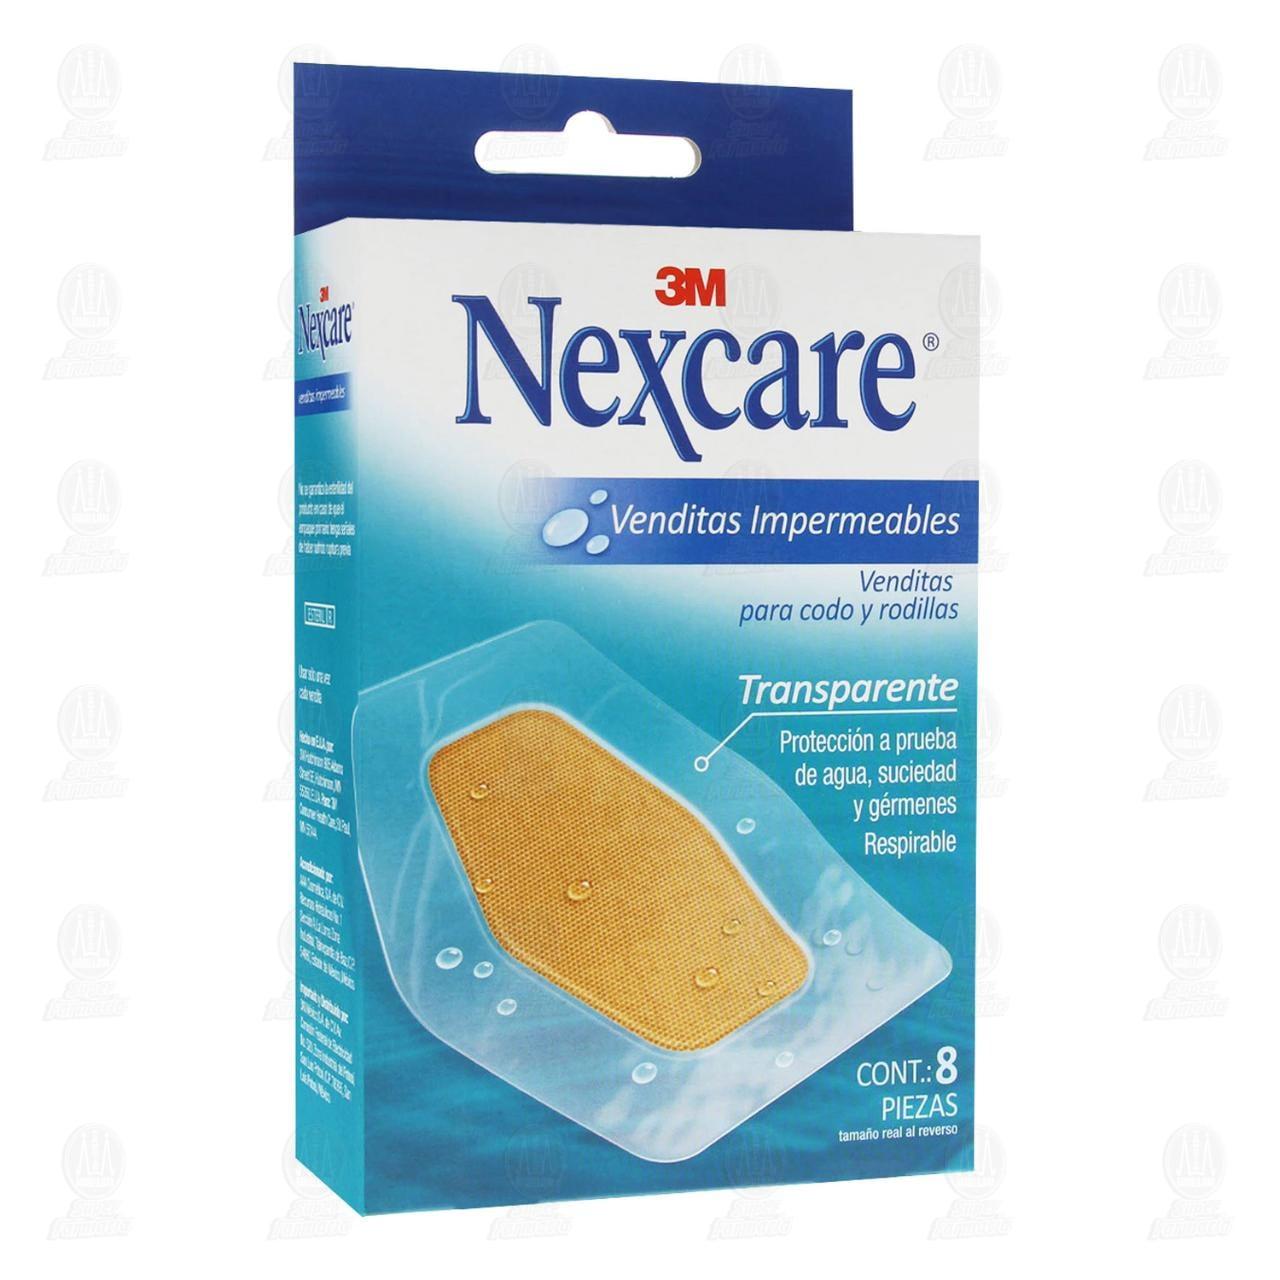 Vendita Nexcare Impermeables Codo y Rodillas 8 Piezas